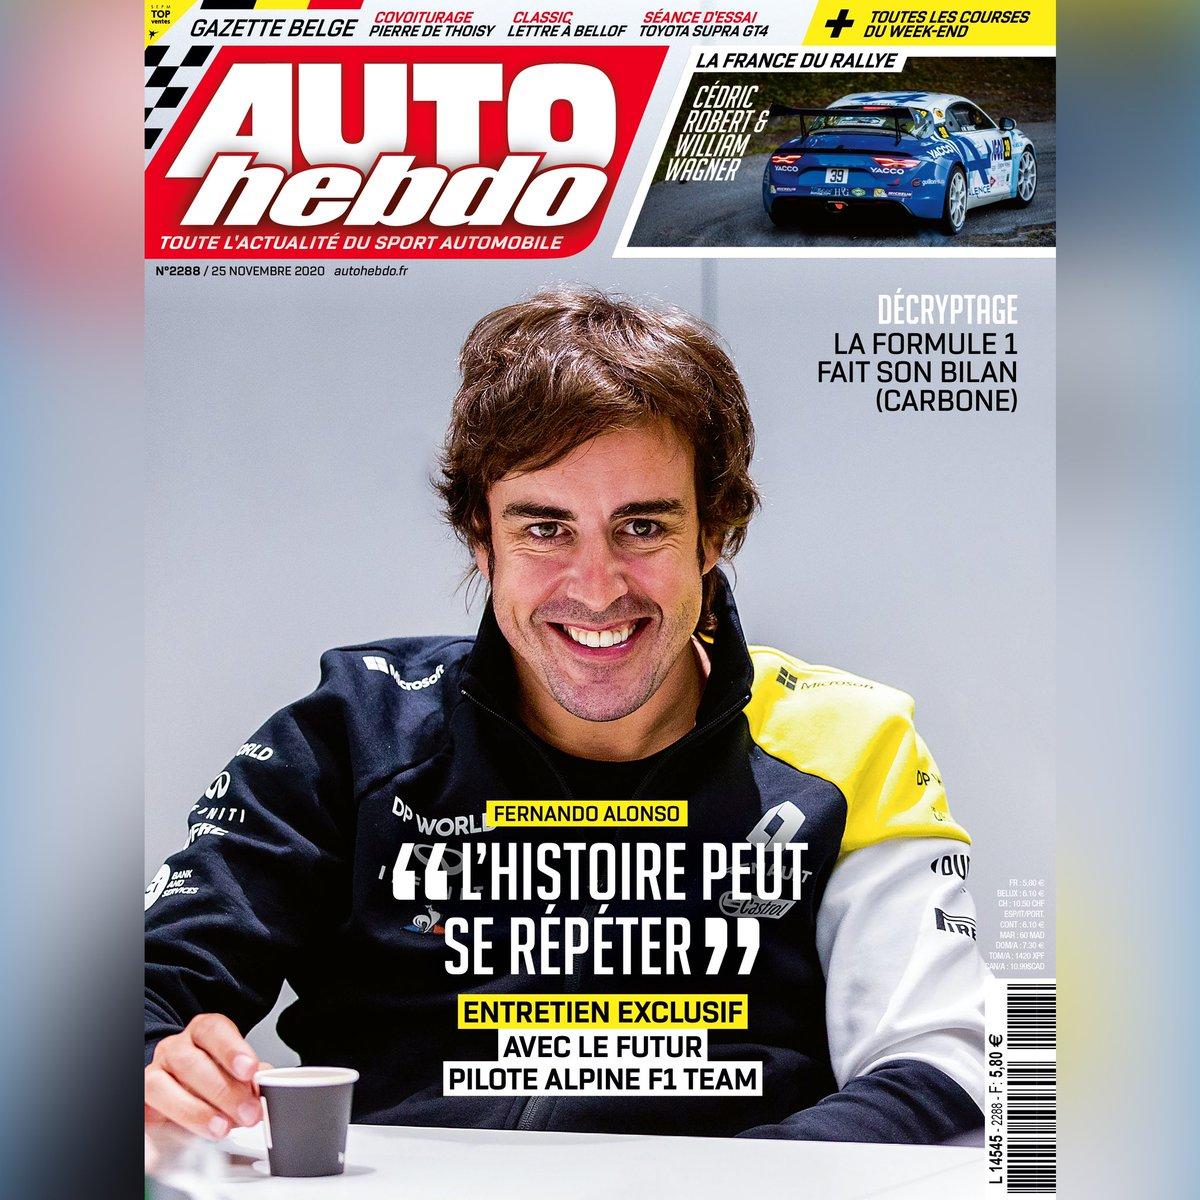 Fernando Alonso est à la Une du numéro 2288 !  📱 Disponible ce soir 20h en numérique 🗞 Disponible mercredi en kiosques https://t.co/4D1RKAfyfH